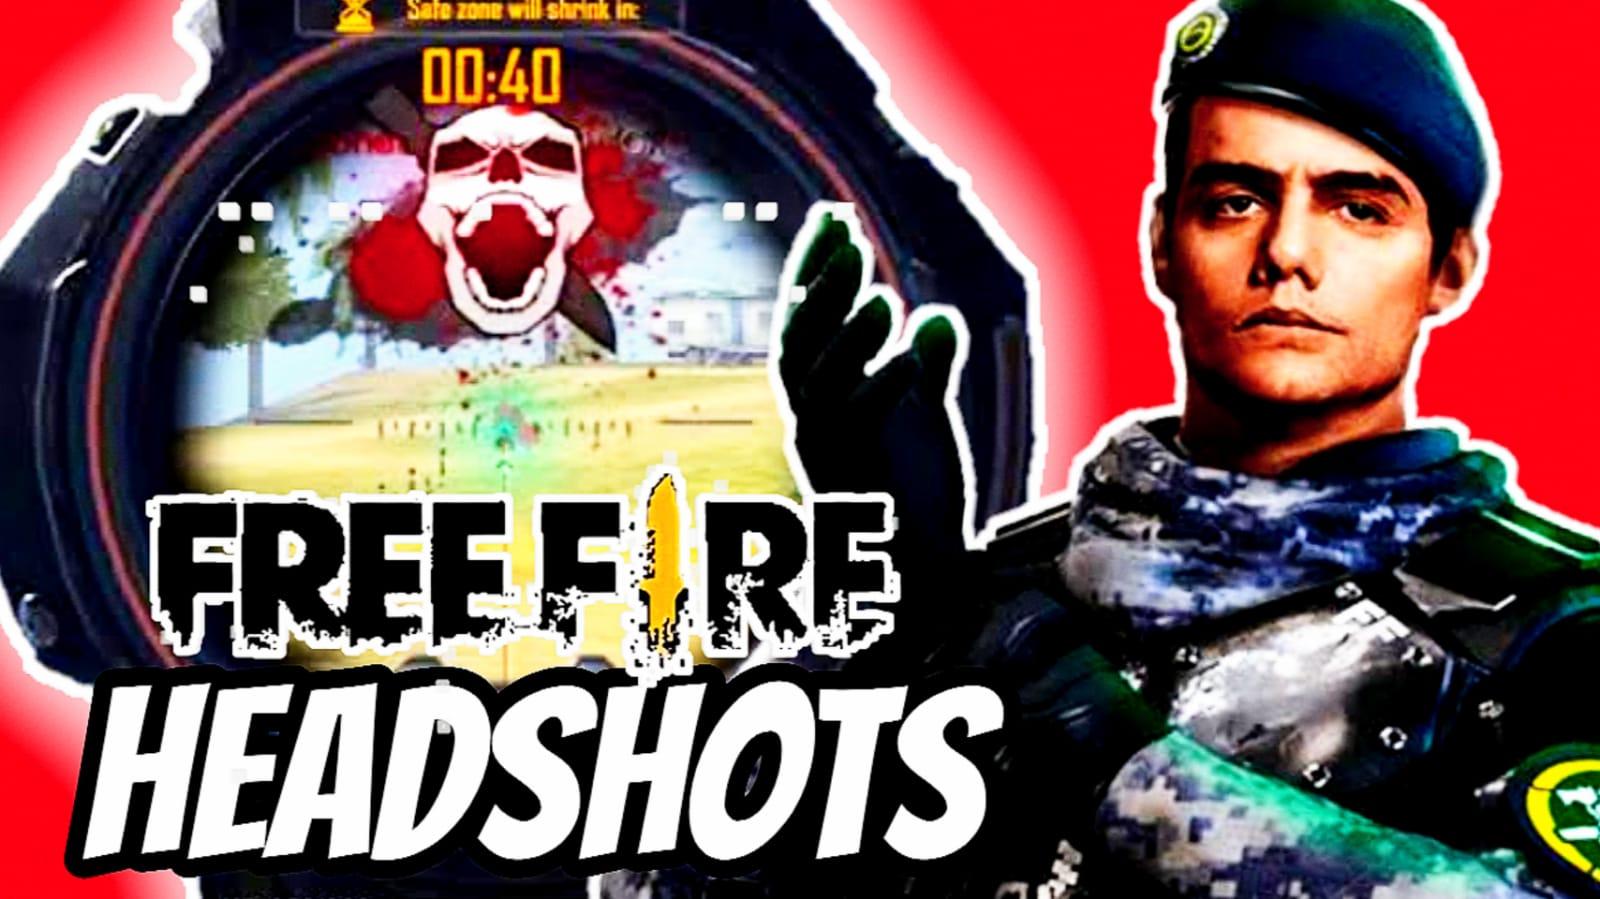 Como subir la mira para dar headshot en free fire con preciso